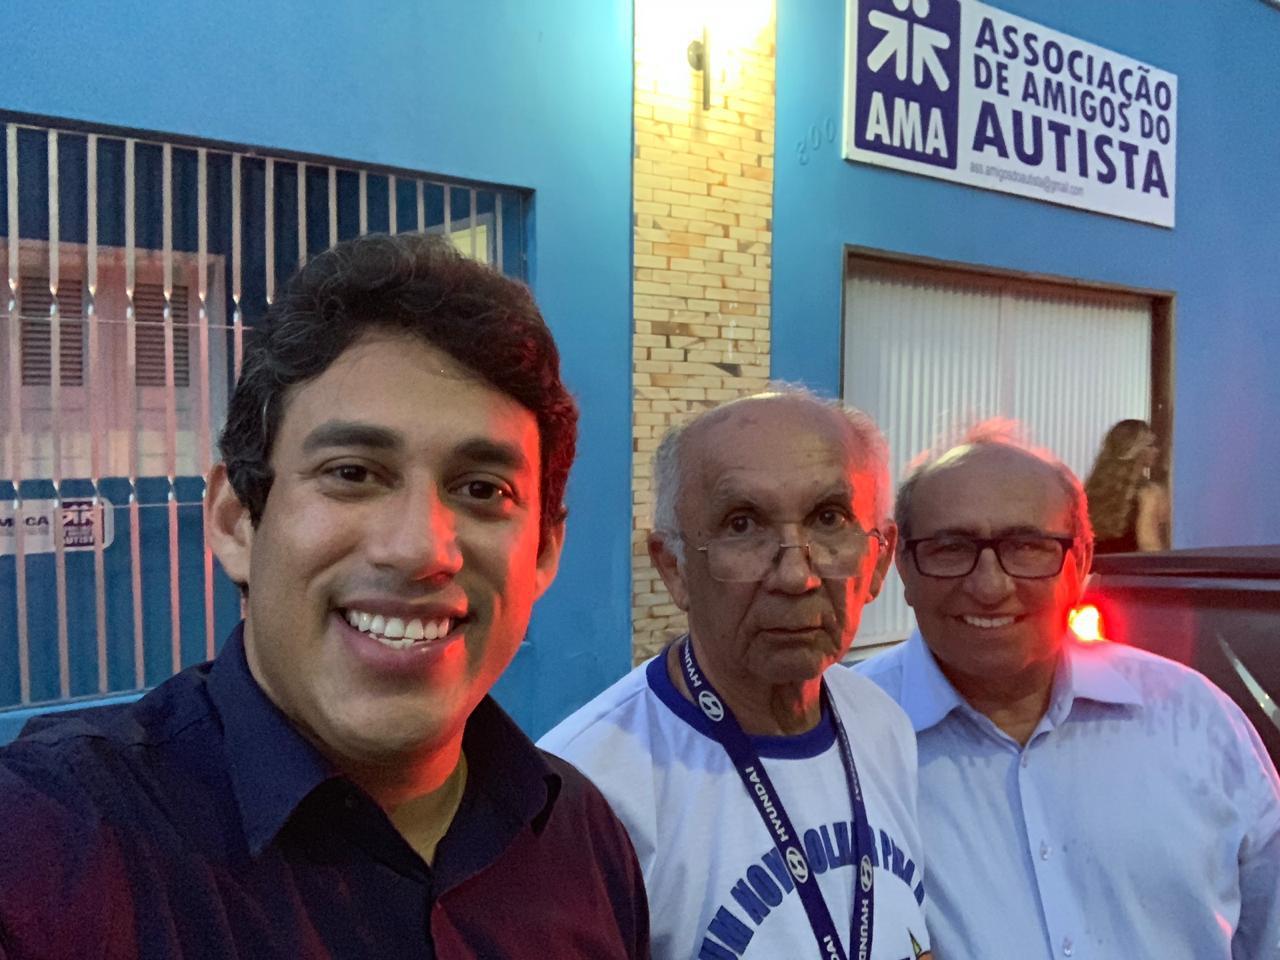 Vereadores reconhecem e apoiam trabalho da AMA em São Luís